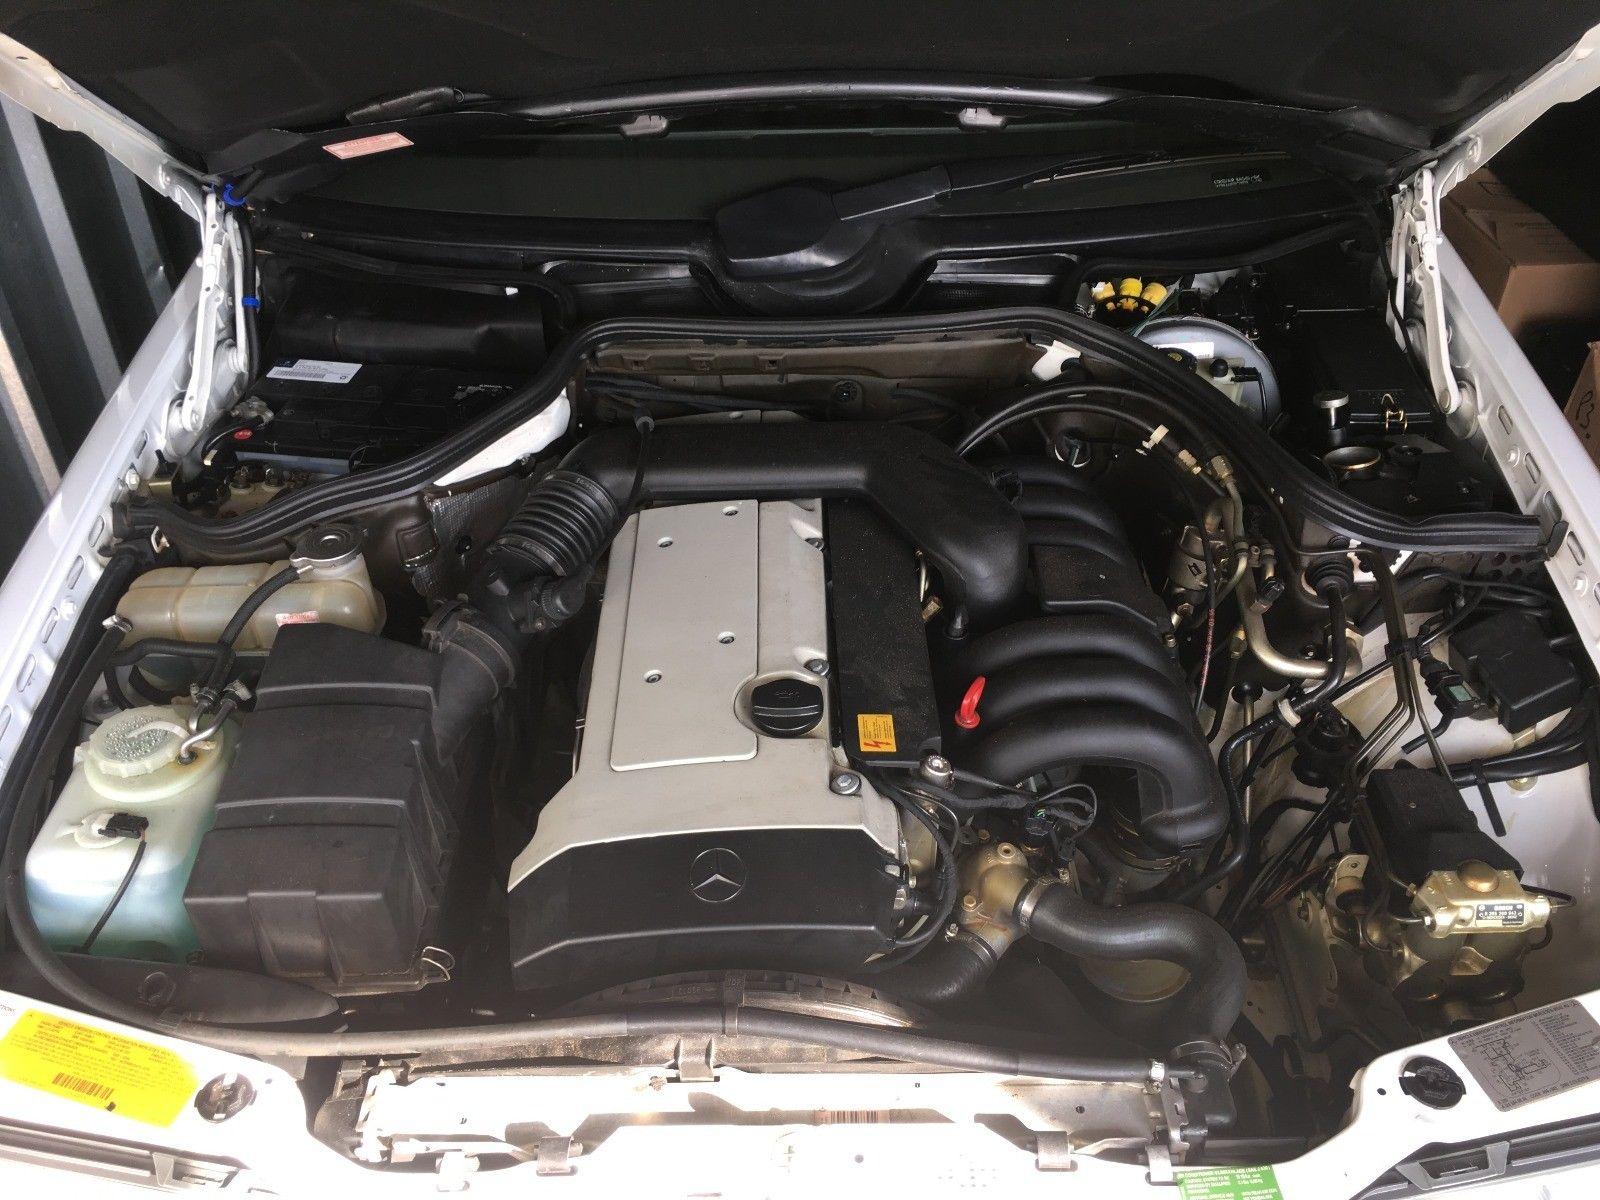 1995 Mercedes-Benz E-Class engine